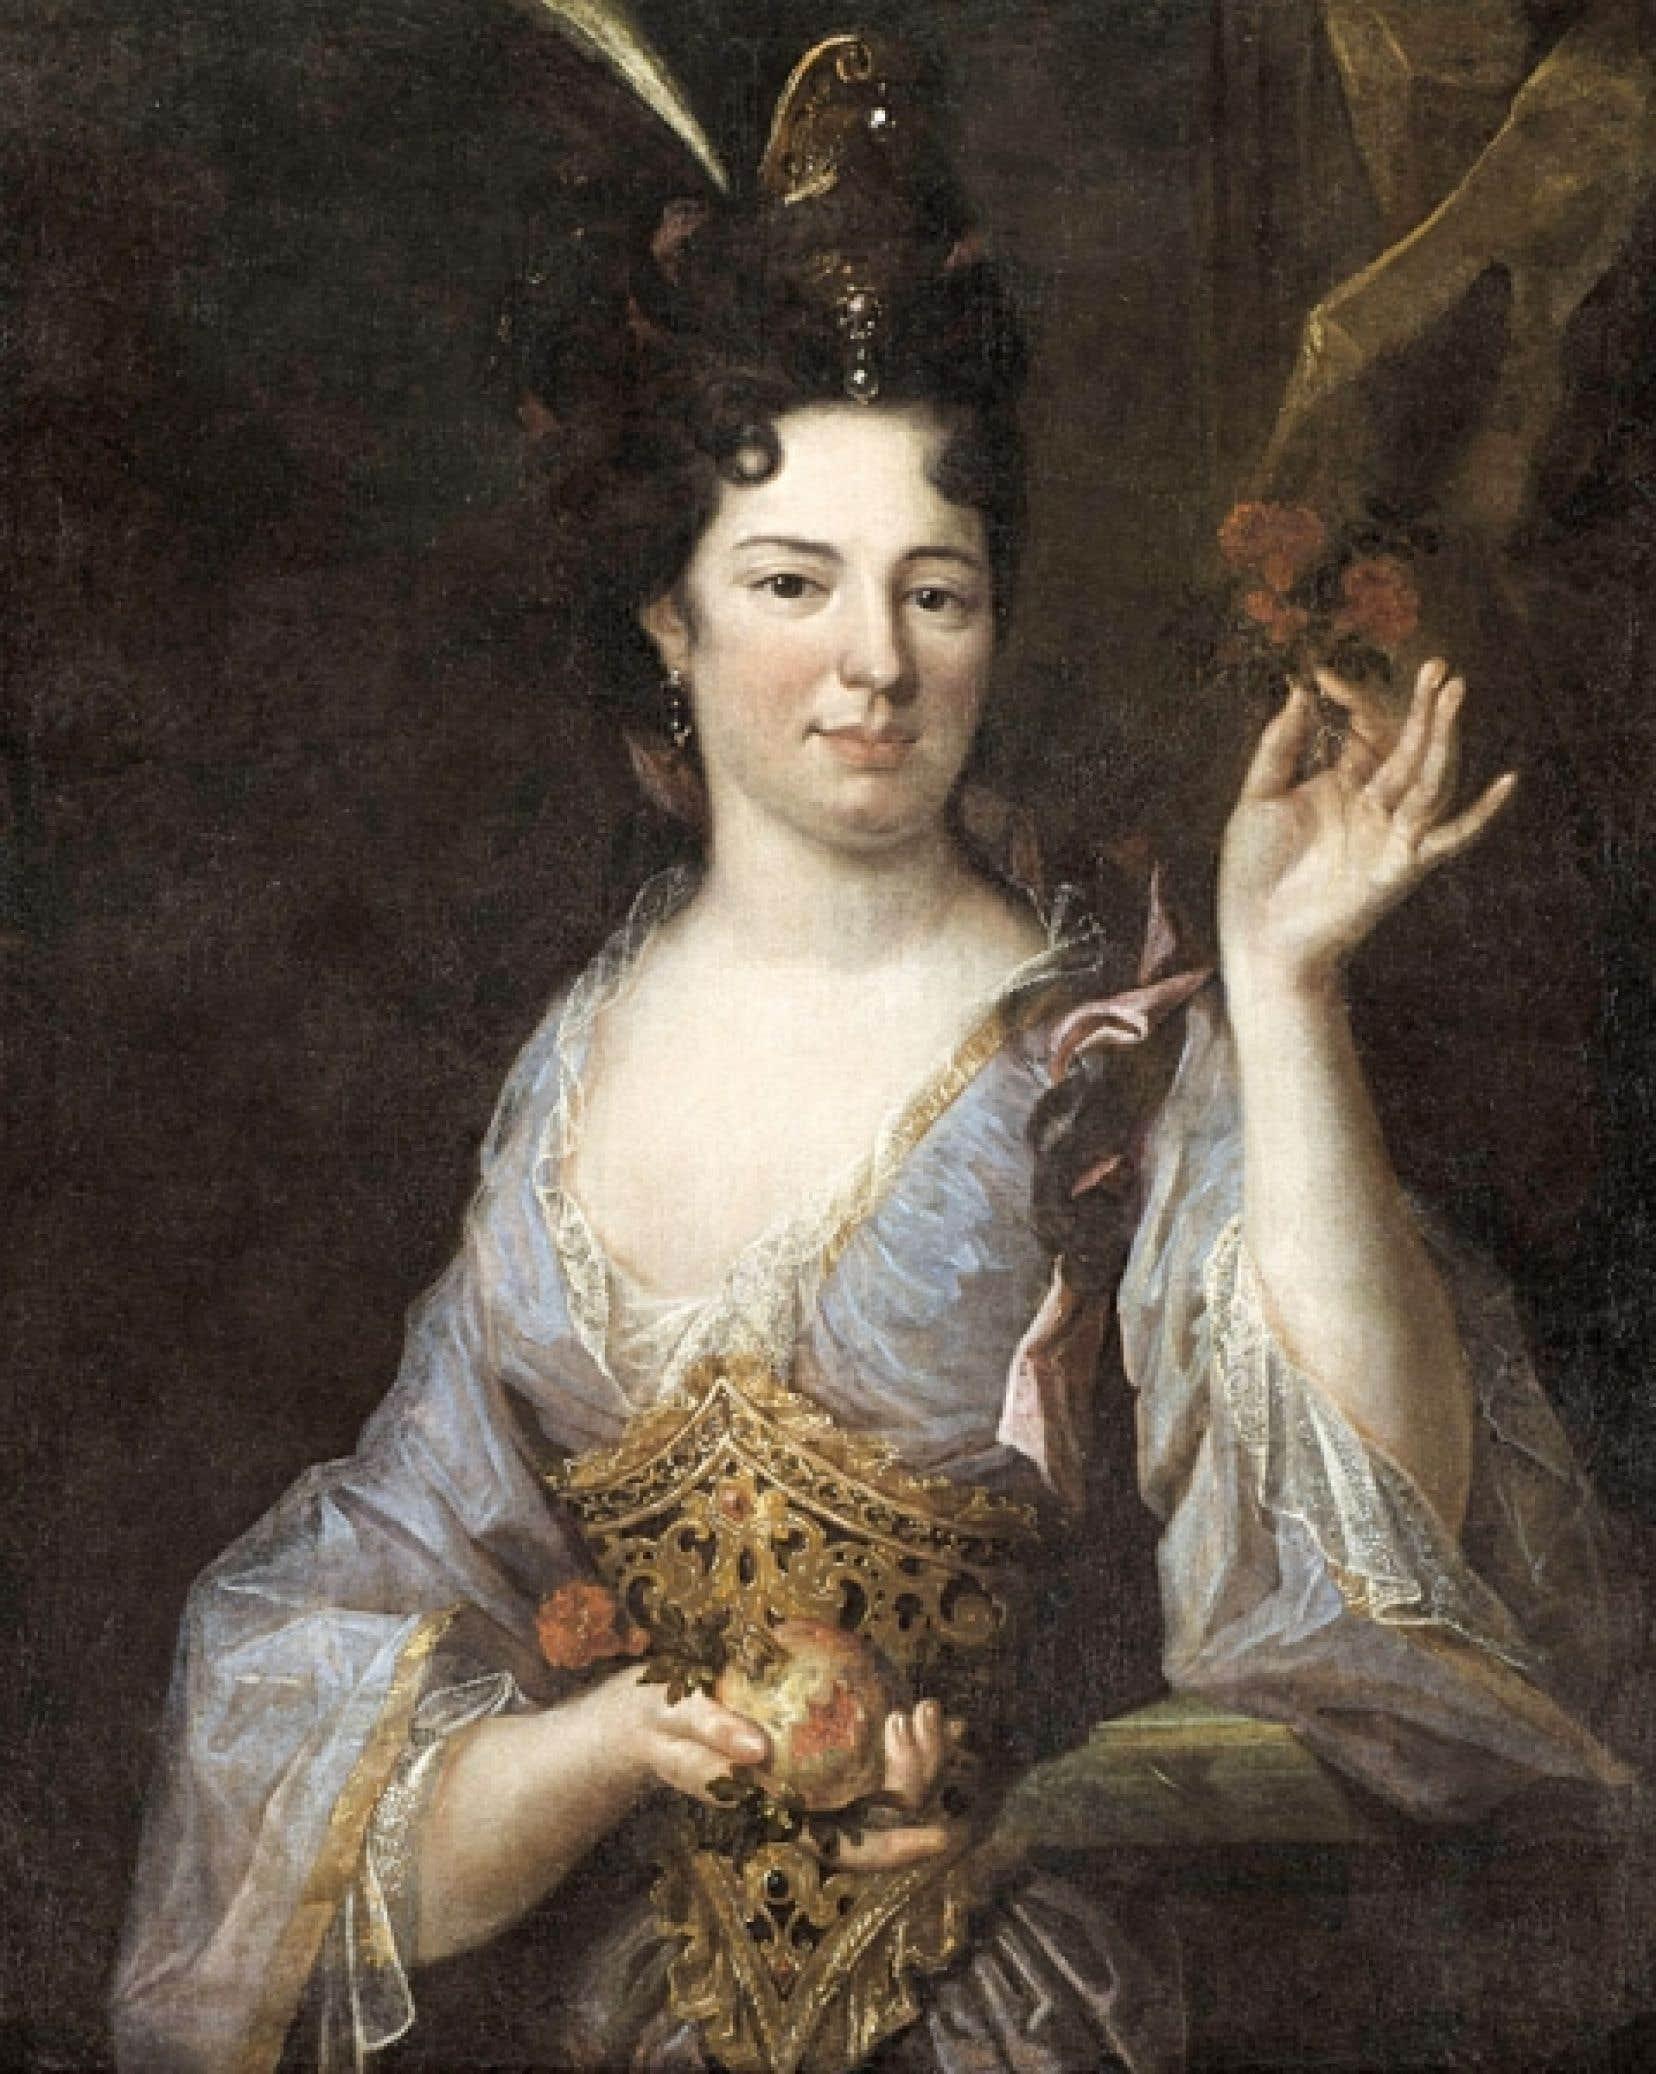 <div> Madame Charles Le Moyne de Longueuil, née Claude-Élisabeth Souart d'Adoncourt, 1681. Peintre français non identifié. Huile sur toile. Musée McCord.</div>